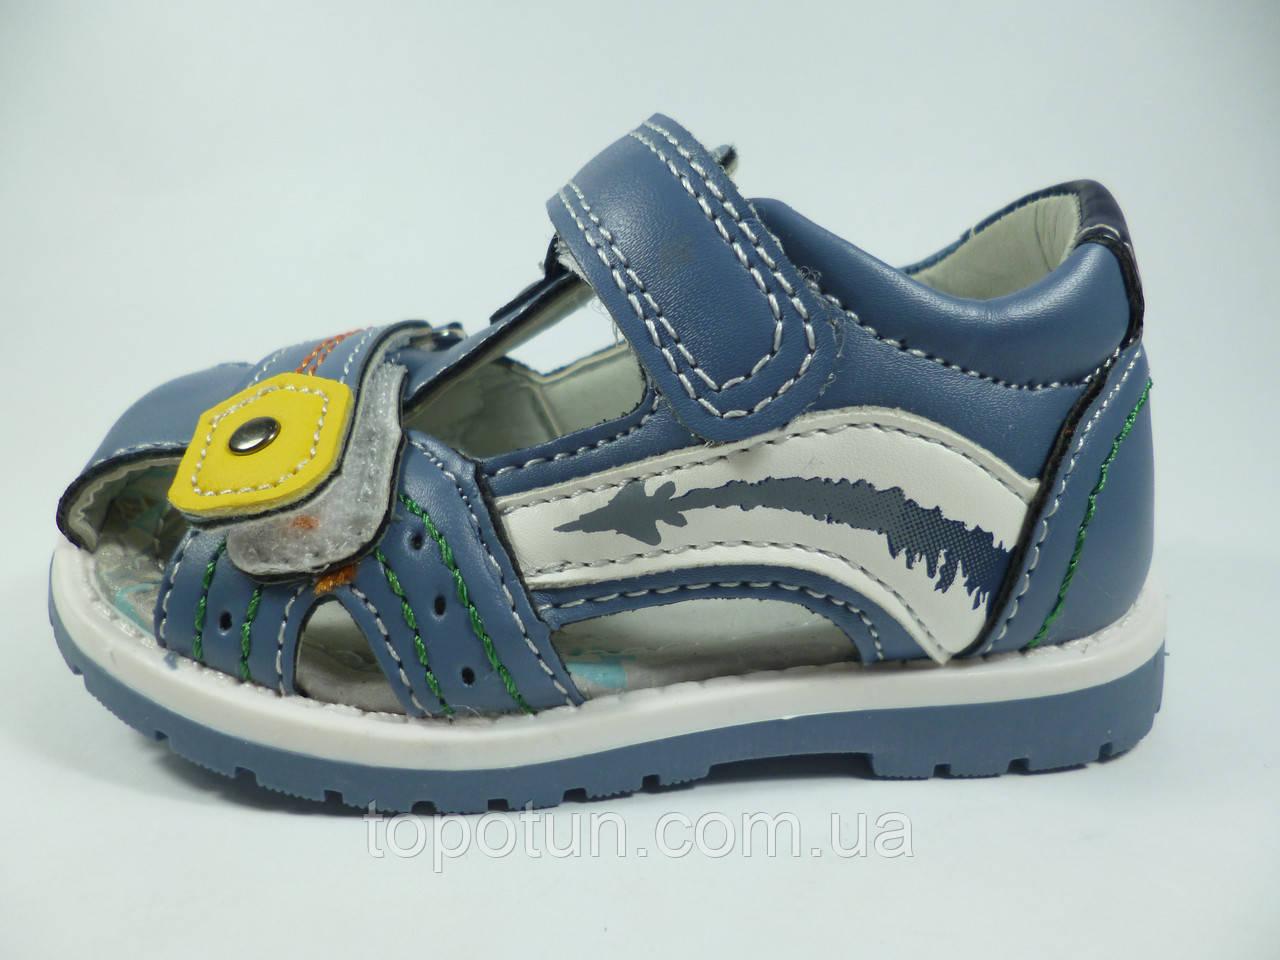 """Детские сандалии для мальчиков """"Мифер"""" размеры: 21,25,26"""